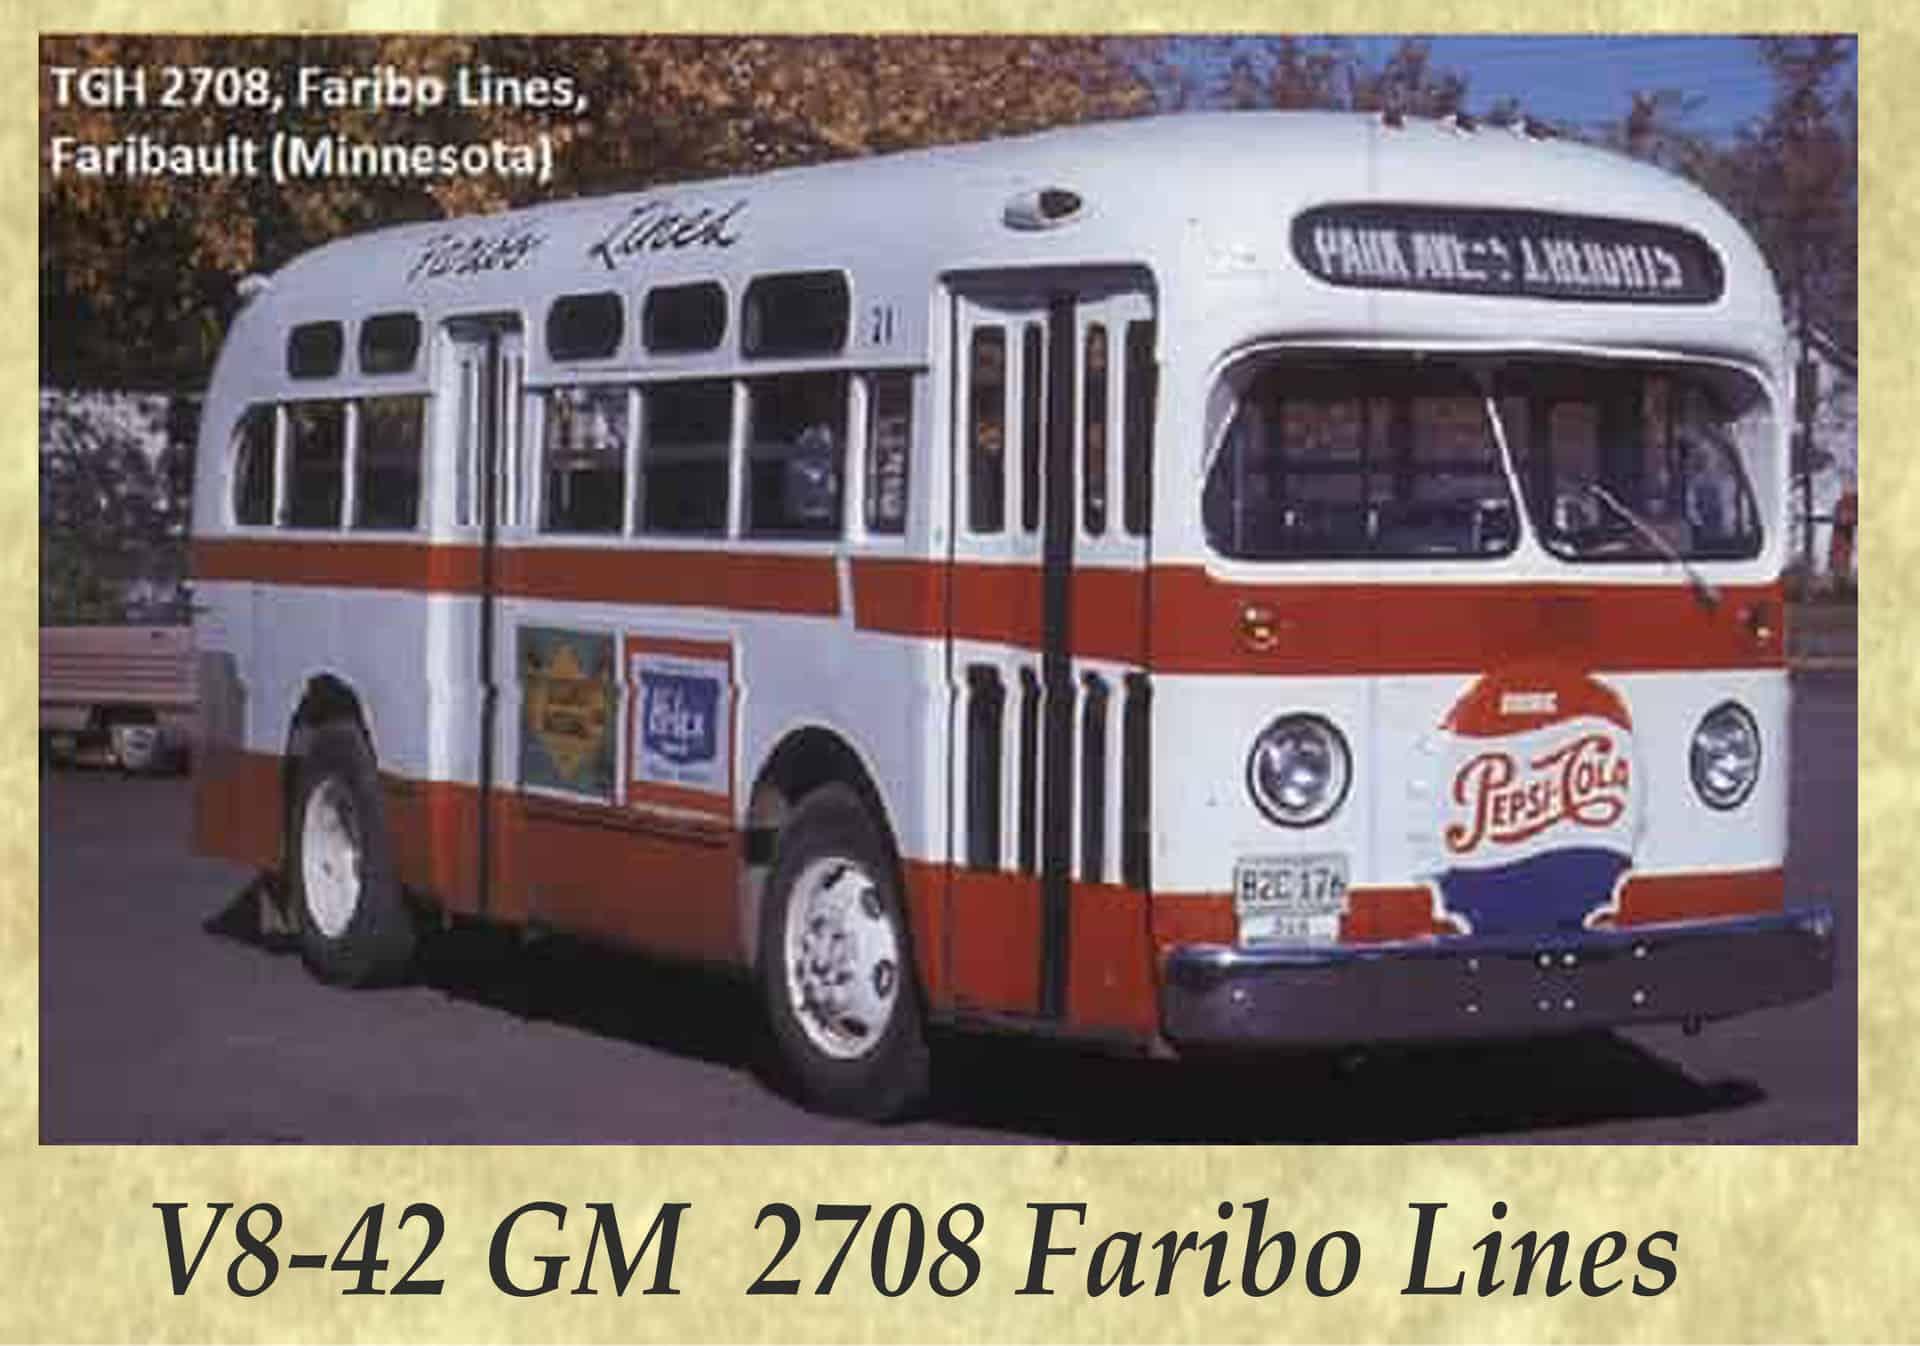 V8-42 GM 2708 Faribo Lines